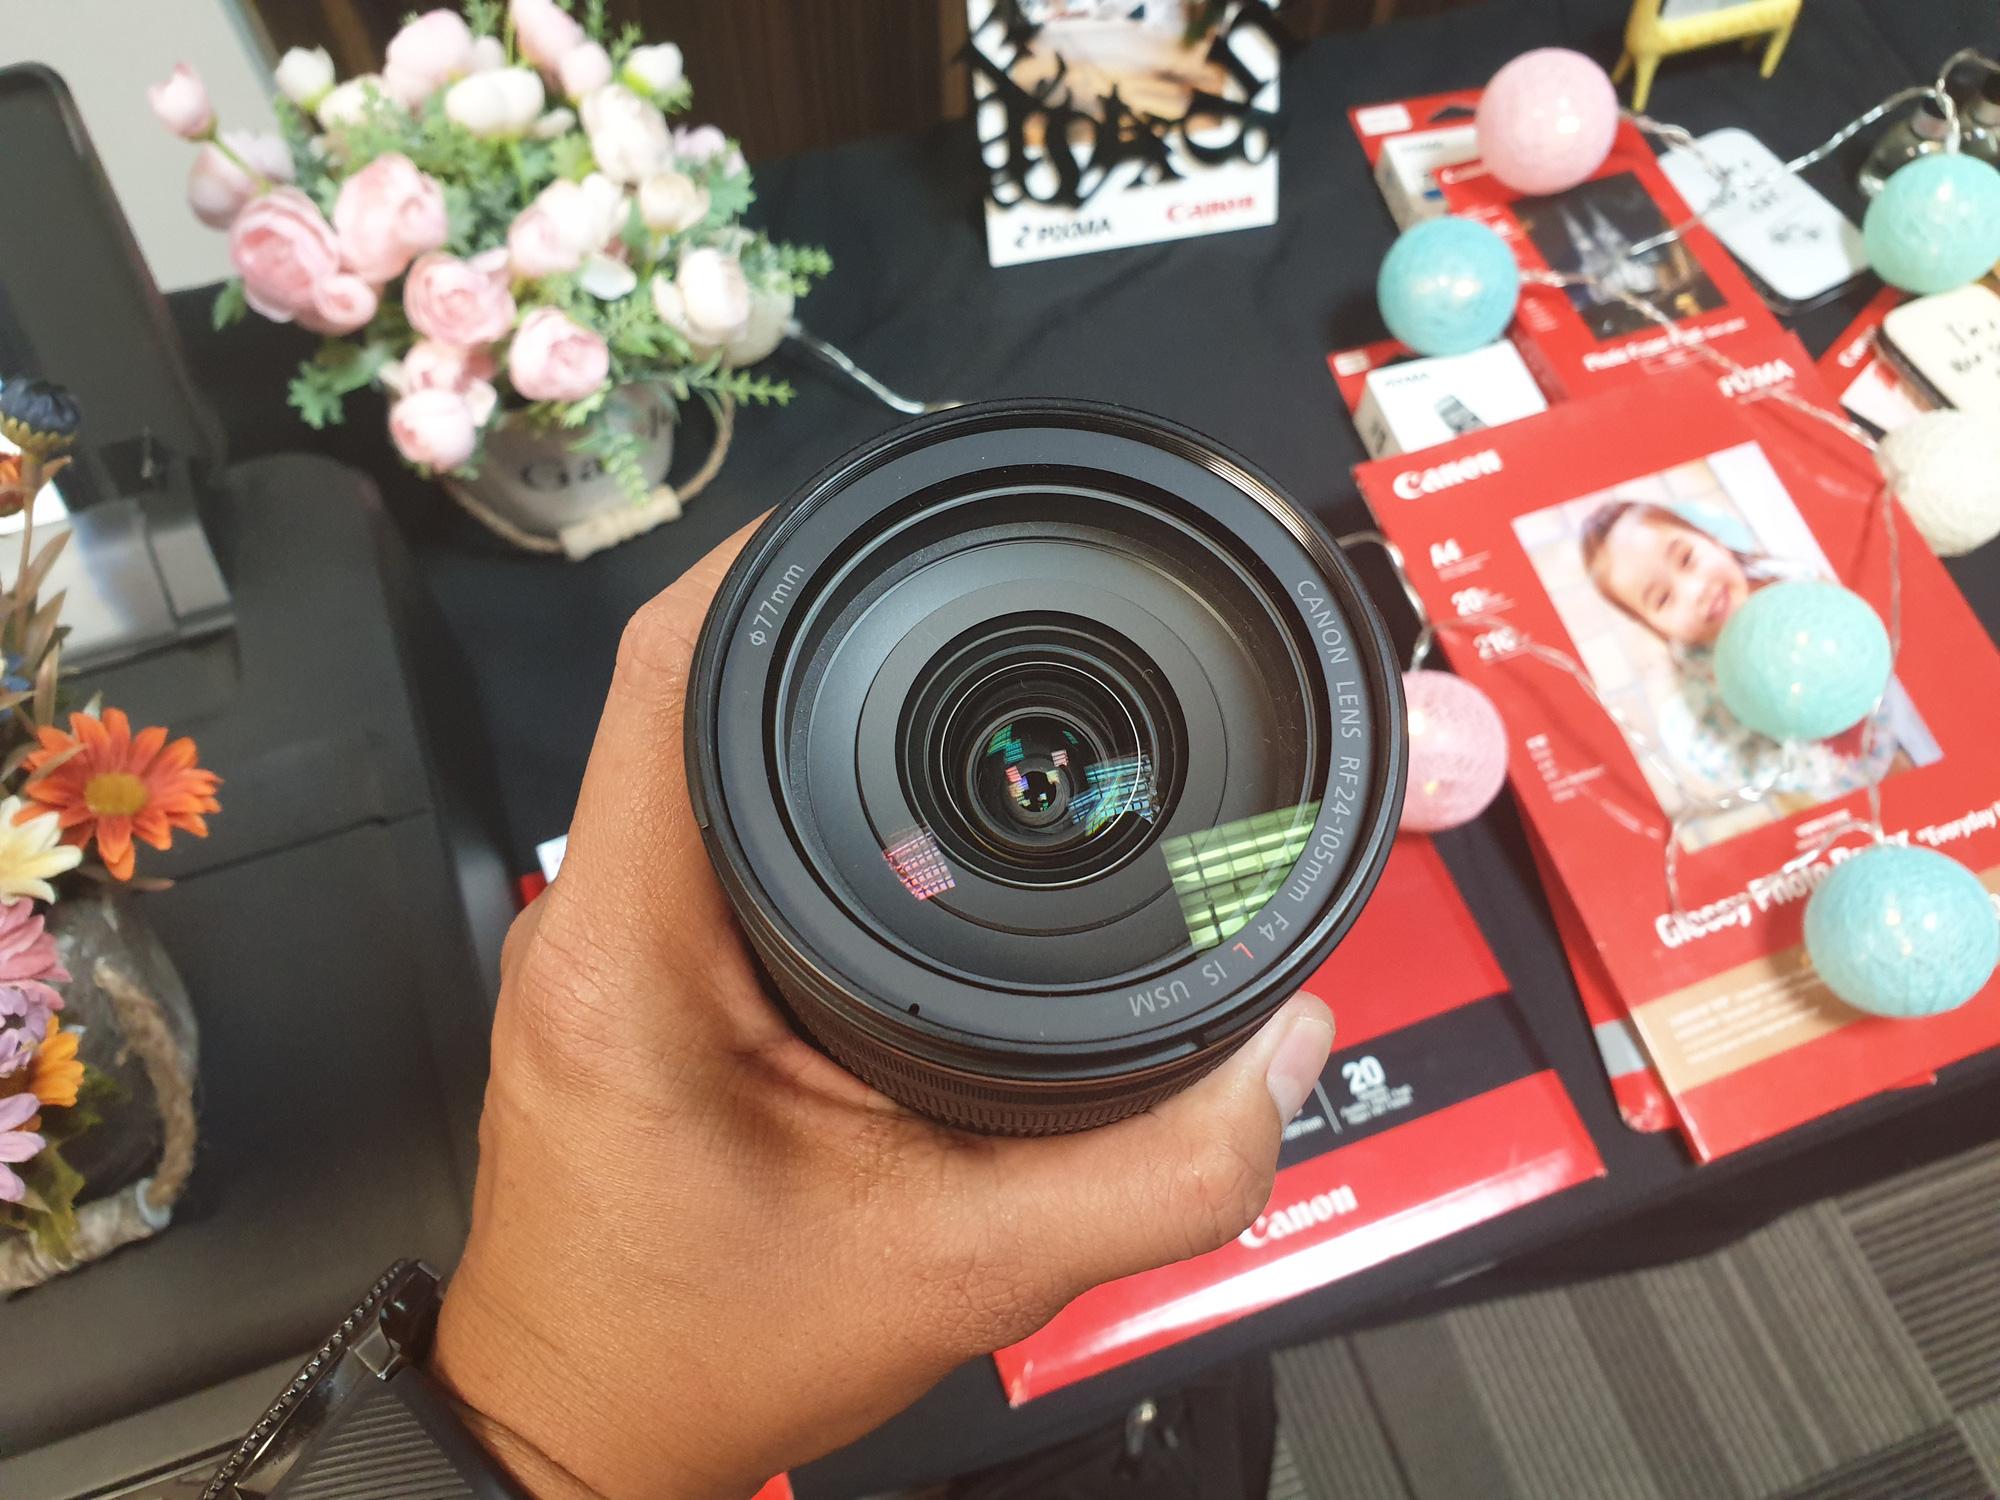 Máy ảnh gia đình chụp Tết nhiều mẫu giảm giá, dễ dàng chọn mua trong mức giá dưới 10 triệu đồng  - Ảnh 3.